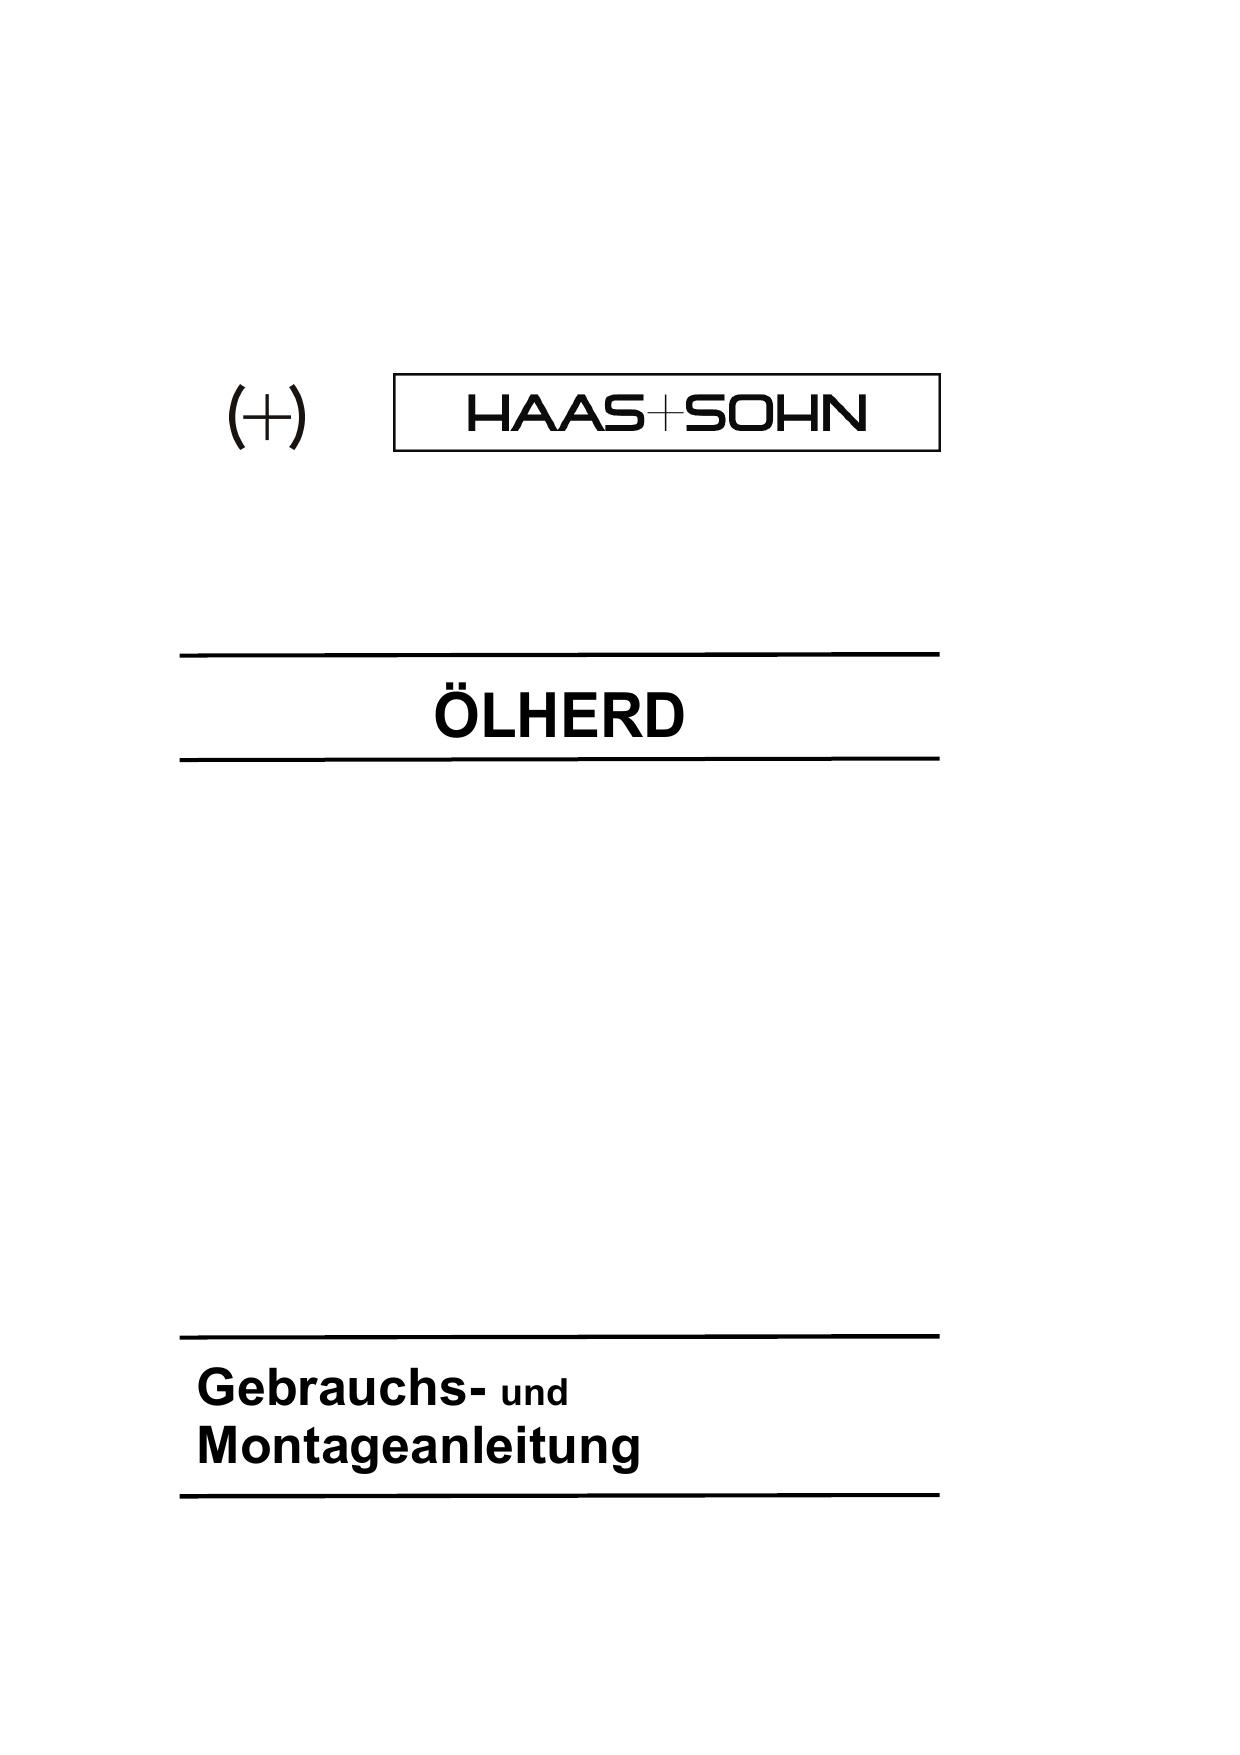 ÖLHERD - Haas + Sohn | manualzz.com